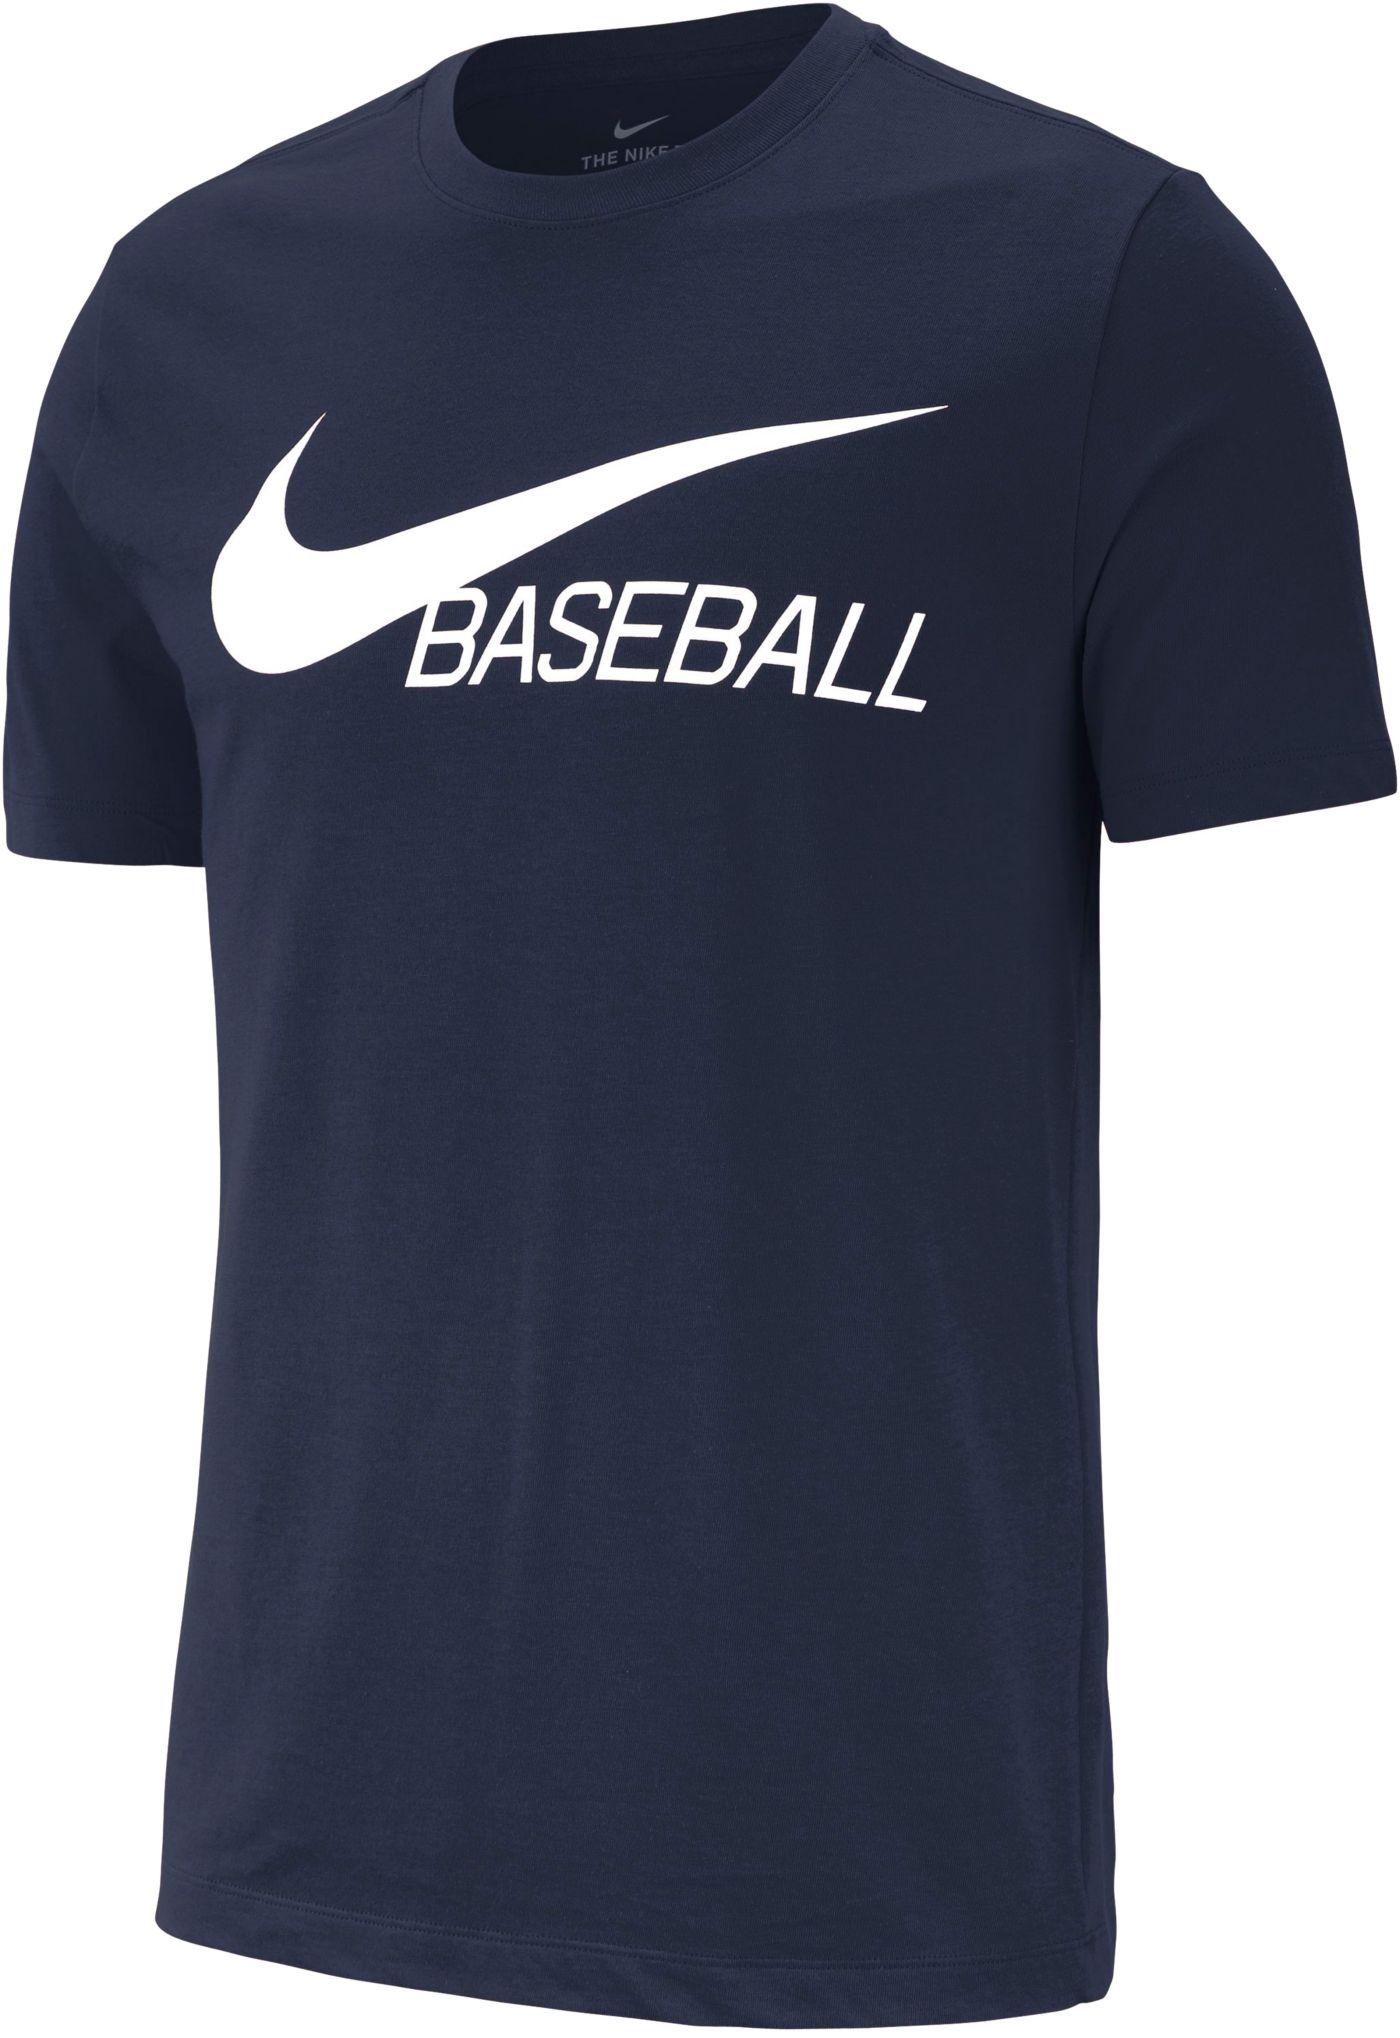 Nike Men's Legend Dri-FIT Baseball T-Shirt